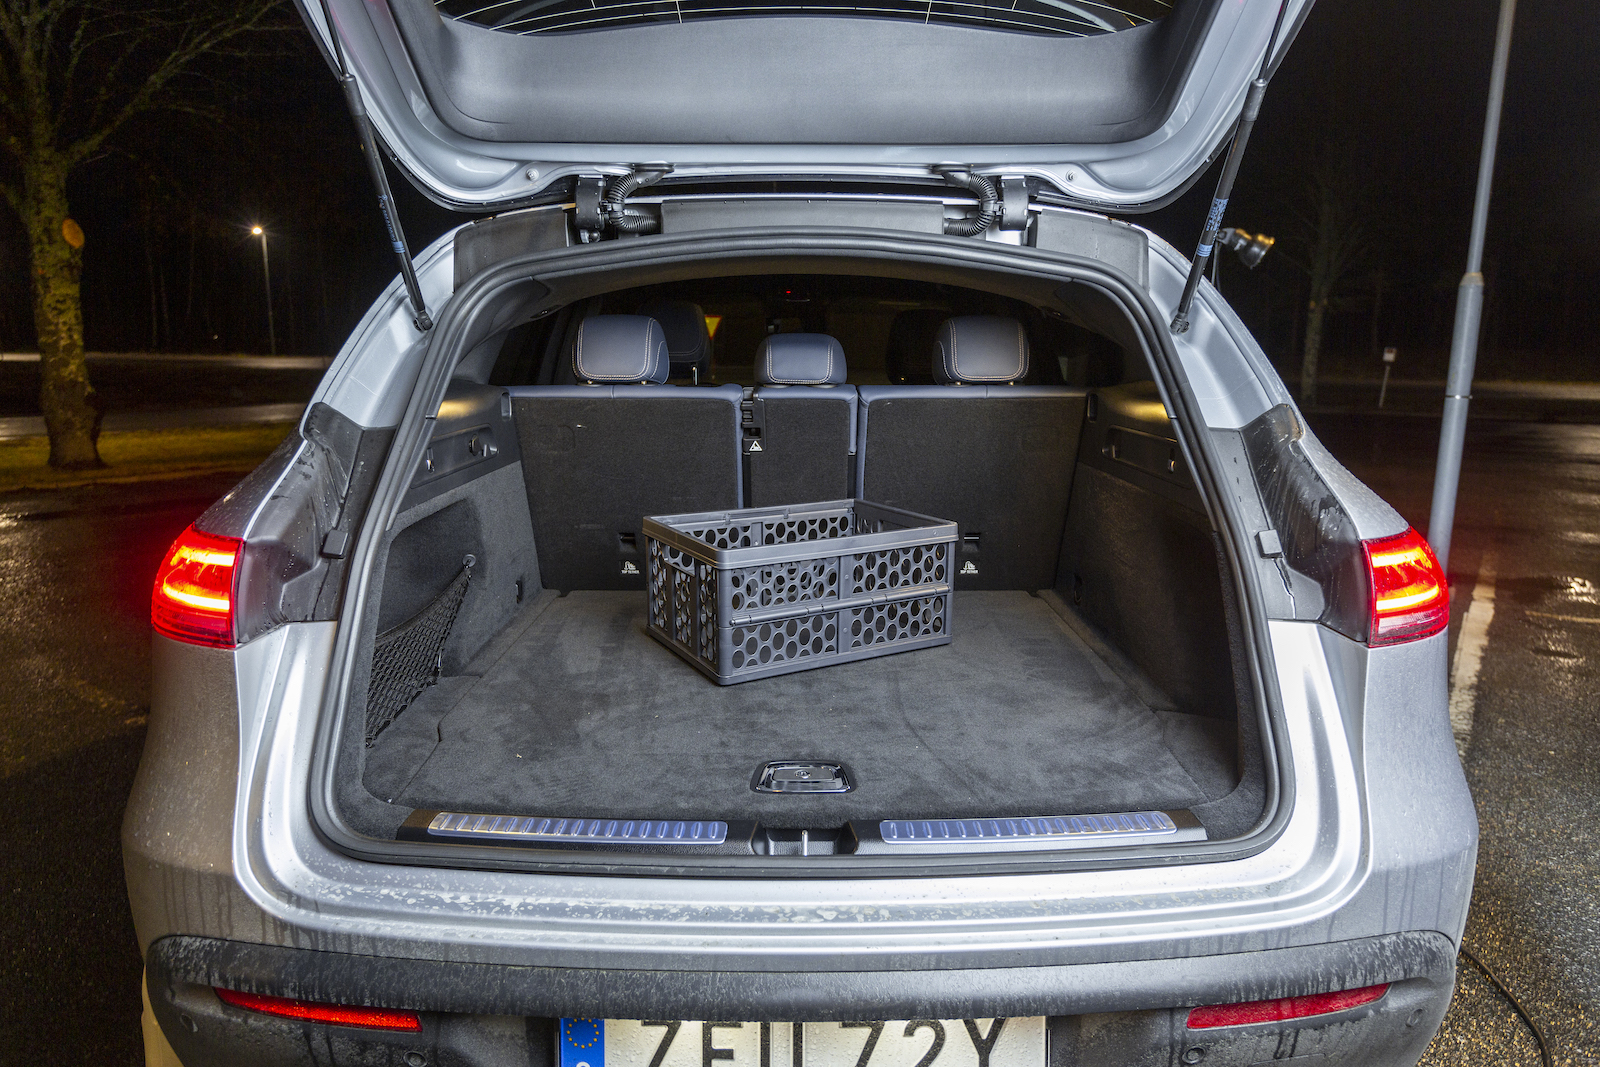 """Mercedes: Den hopfällbara lastbacken ryms under bagagerumsgolvet, där finns även en hopfällbar """"stoppkloss"""" som extra säkerhet vid däckskifte då elbilar inte har någon transmission som """"håller emot"""" om den elektriska handbromsen skulle fallera. Baksätet fälls från bagageutrymmet i 40/20/40."""